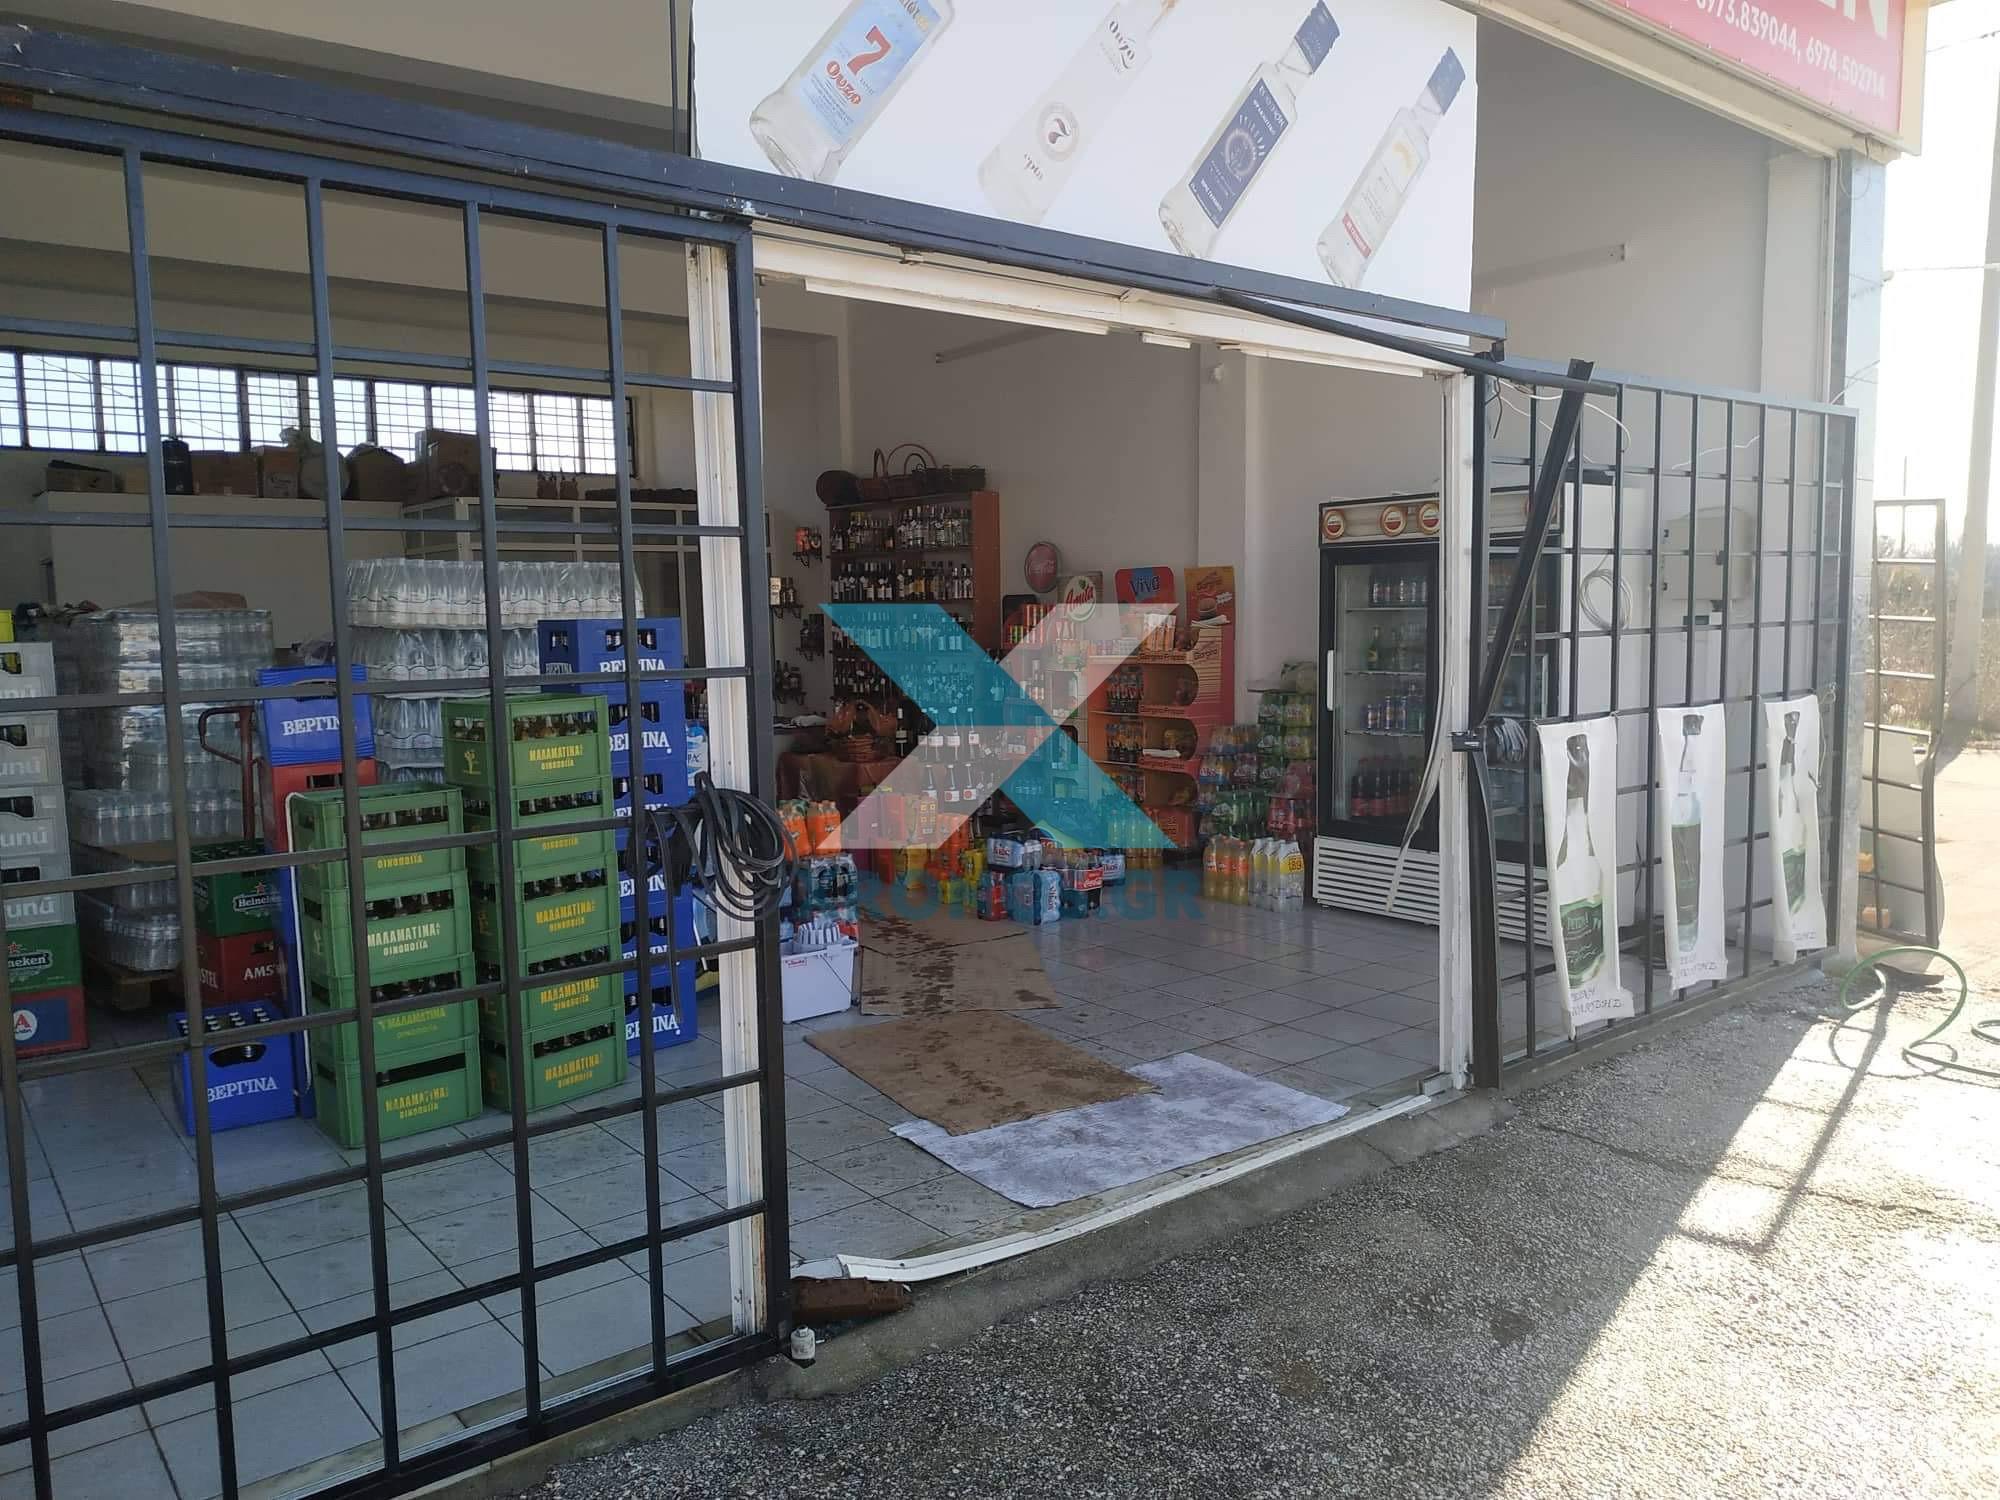 Κομοτηνή: Μπούκαραν και διέλυσαν καταστήματα με αυτοκίνητο! Ανάστατοι οι ιδιοκτήτες τους [pics]